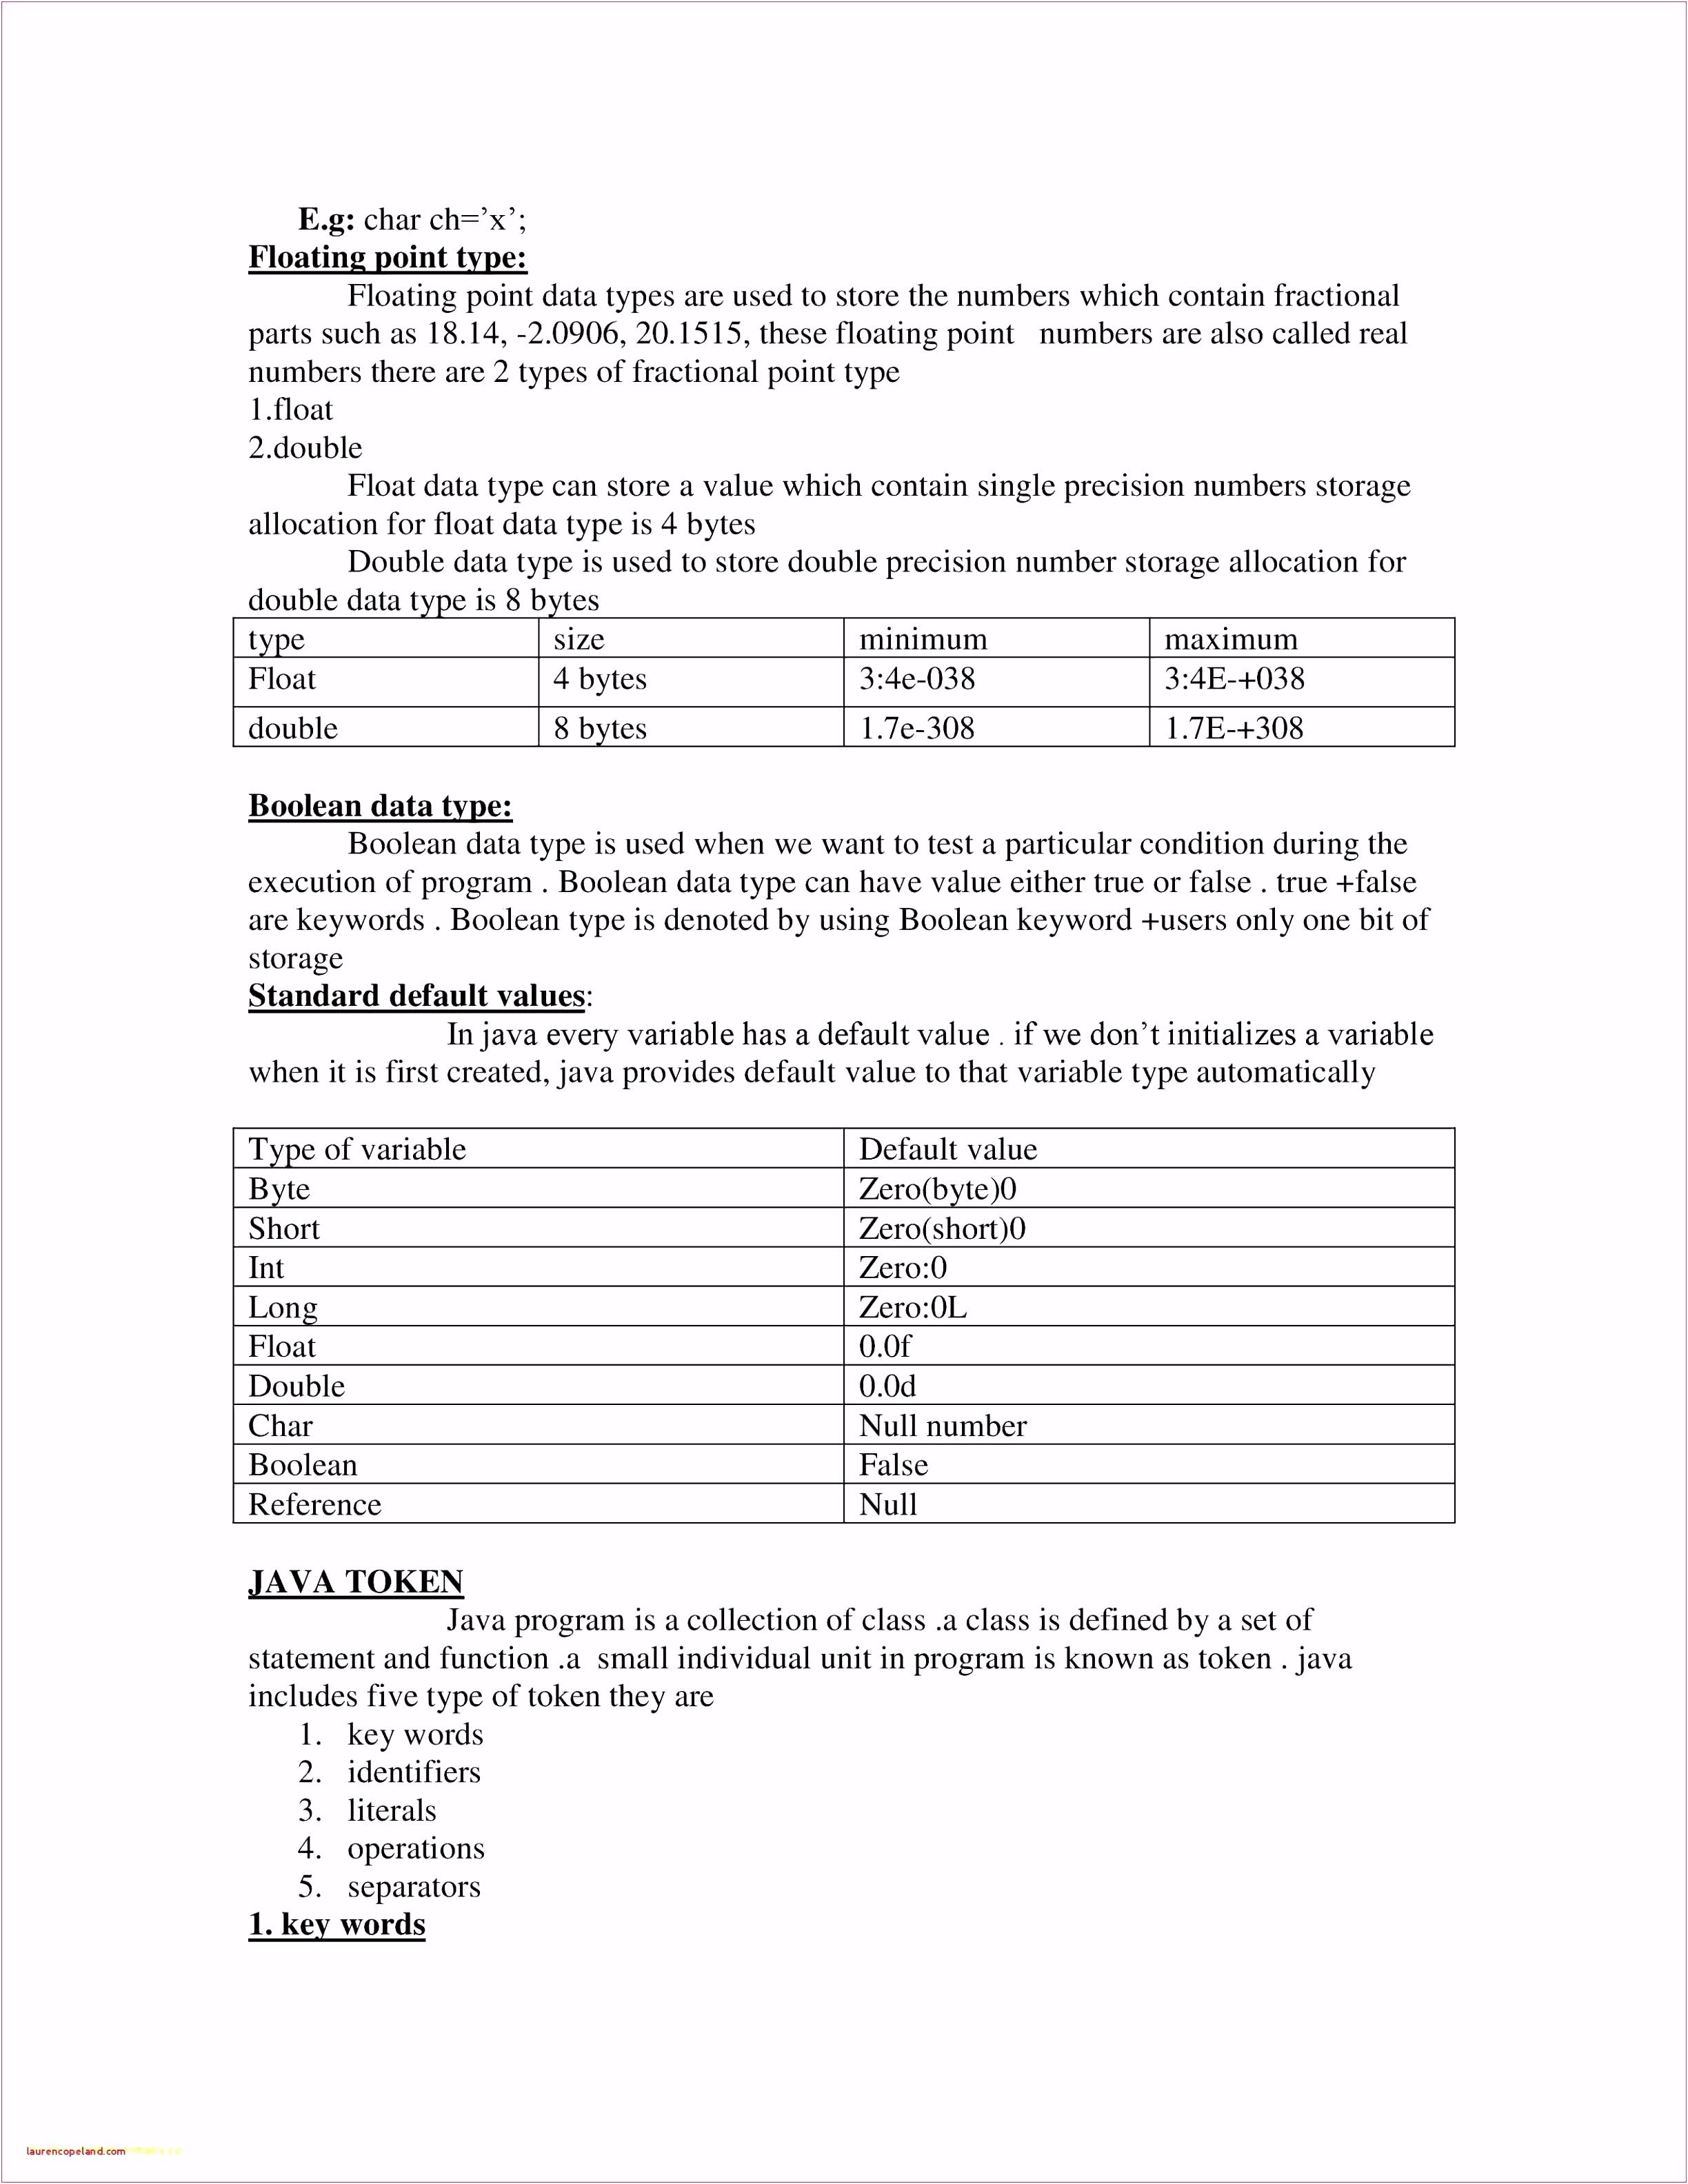 Wartungsplan Drehmaschine Vorlage Detaillierte Wartungsvertrag Heizung Muster Innung I4ze91tdt5 W2isvvlhau